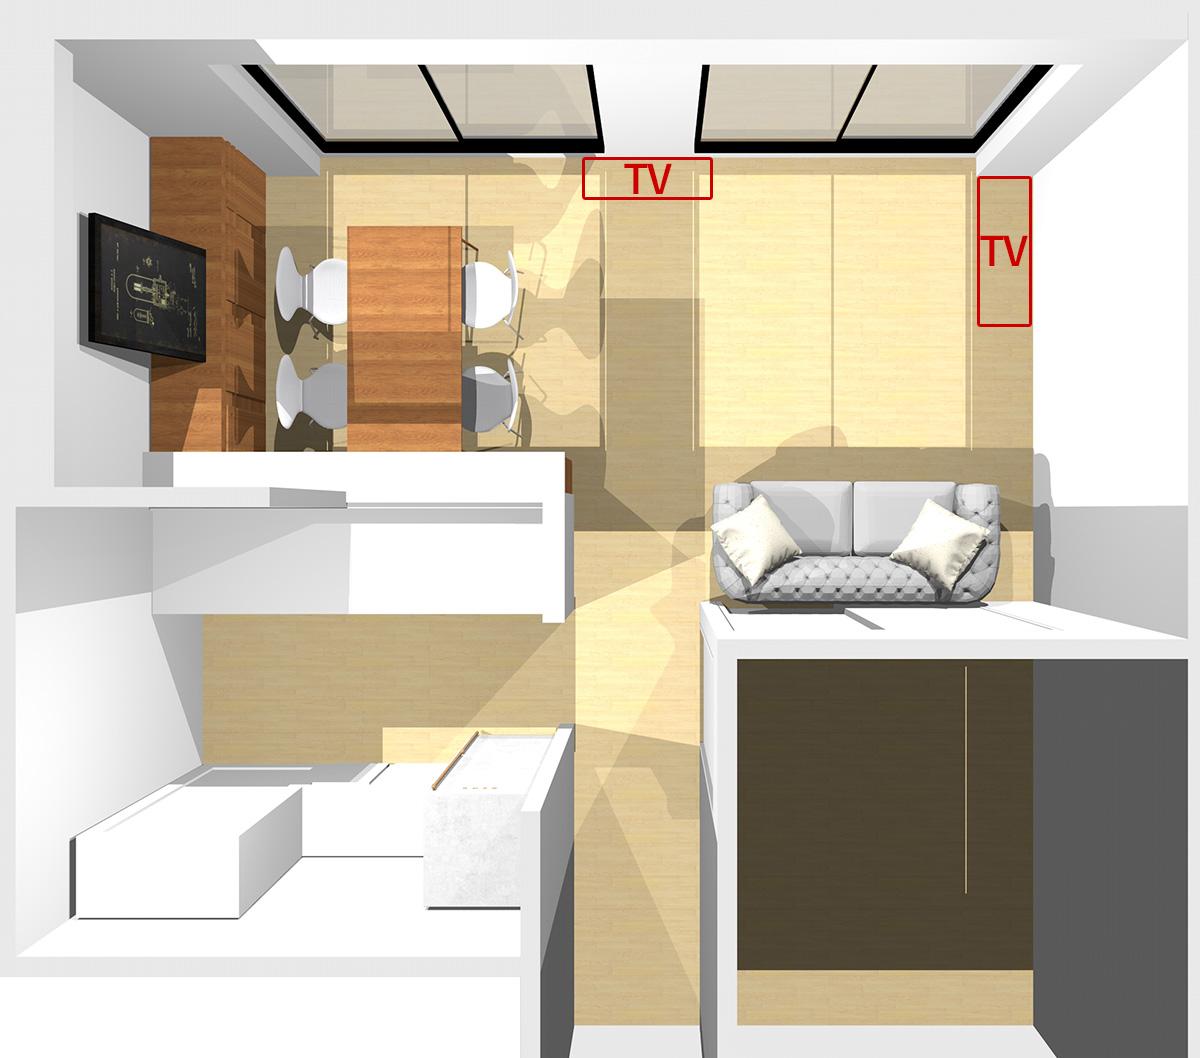 横長リビングの窓が見える位置にソファを置いた場合のテレビの位置